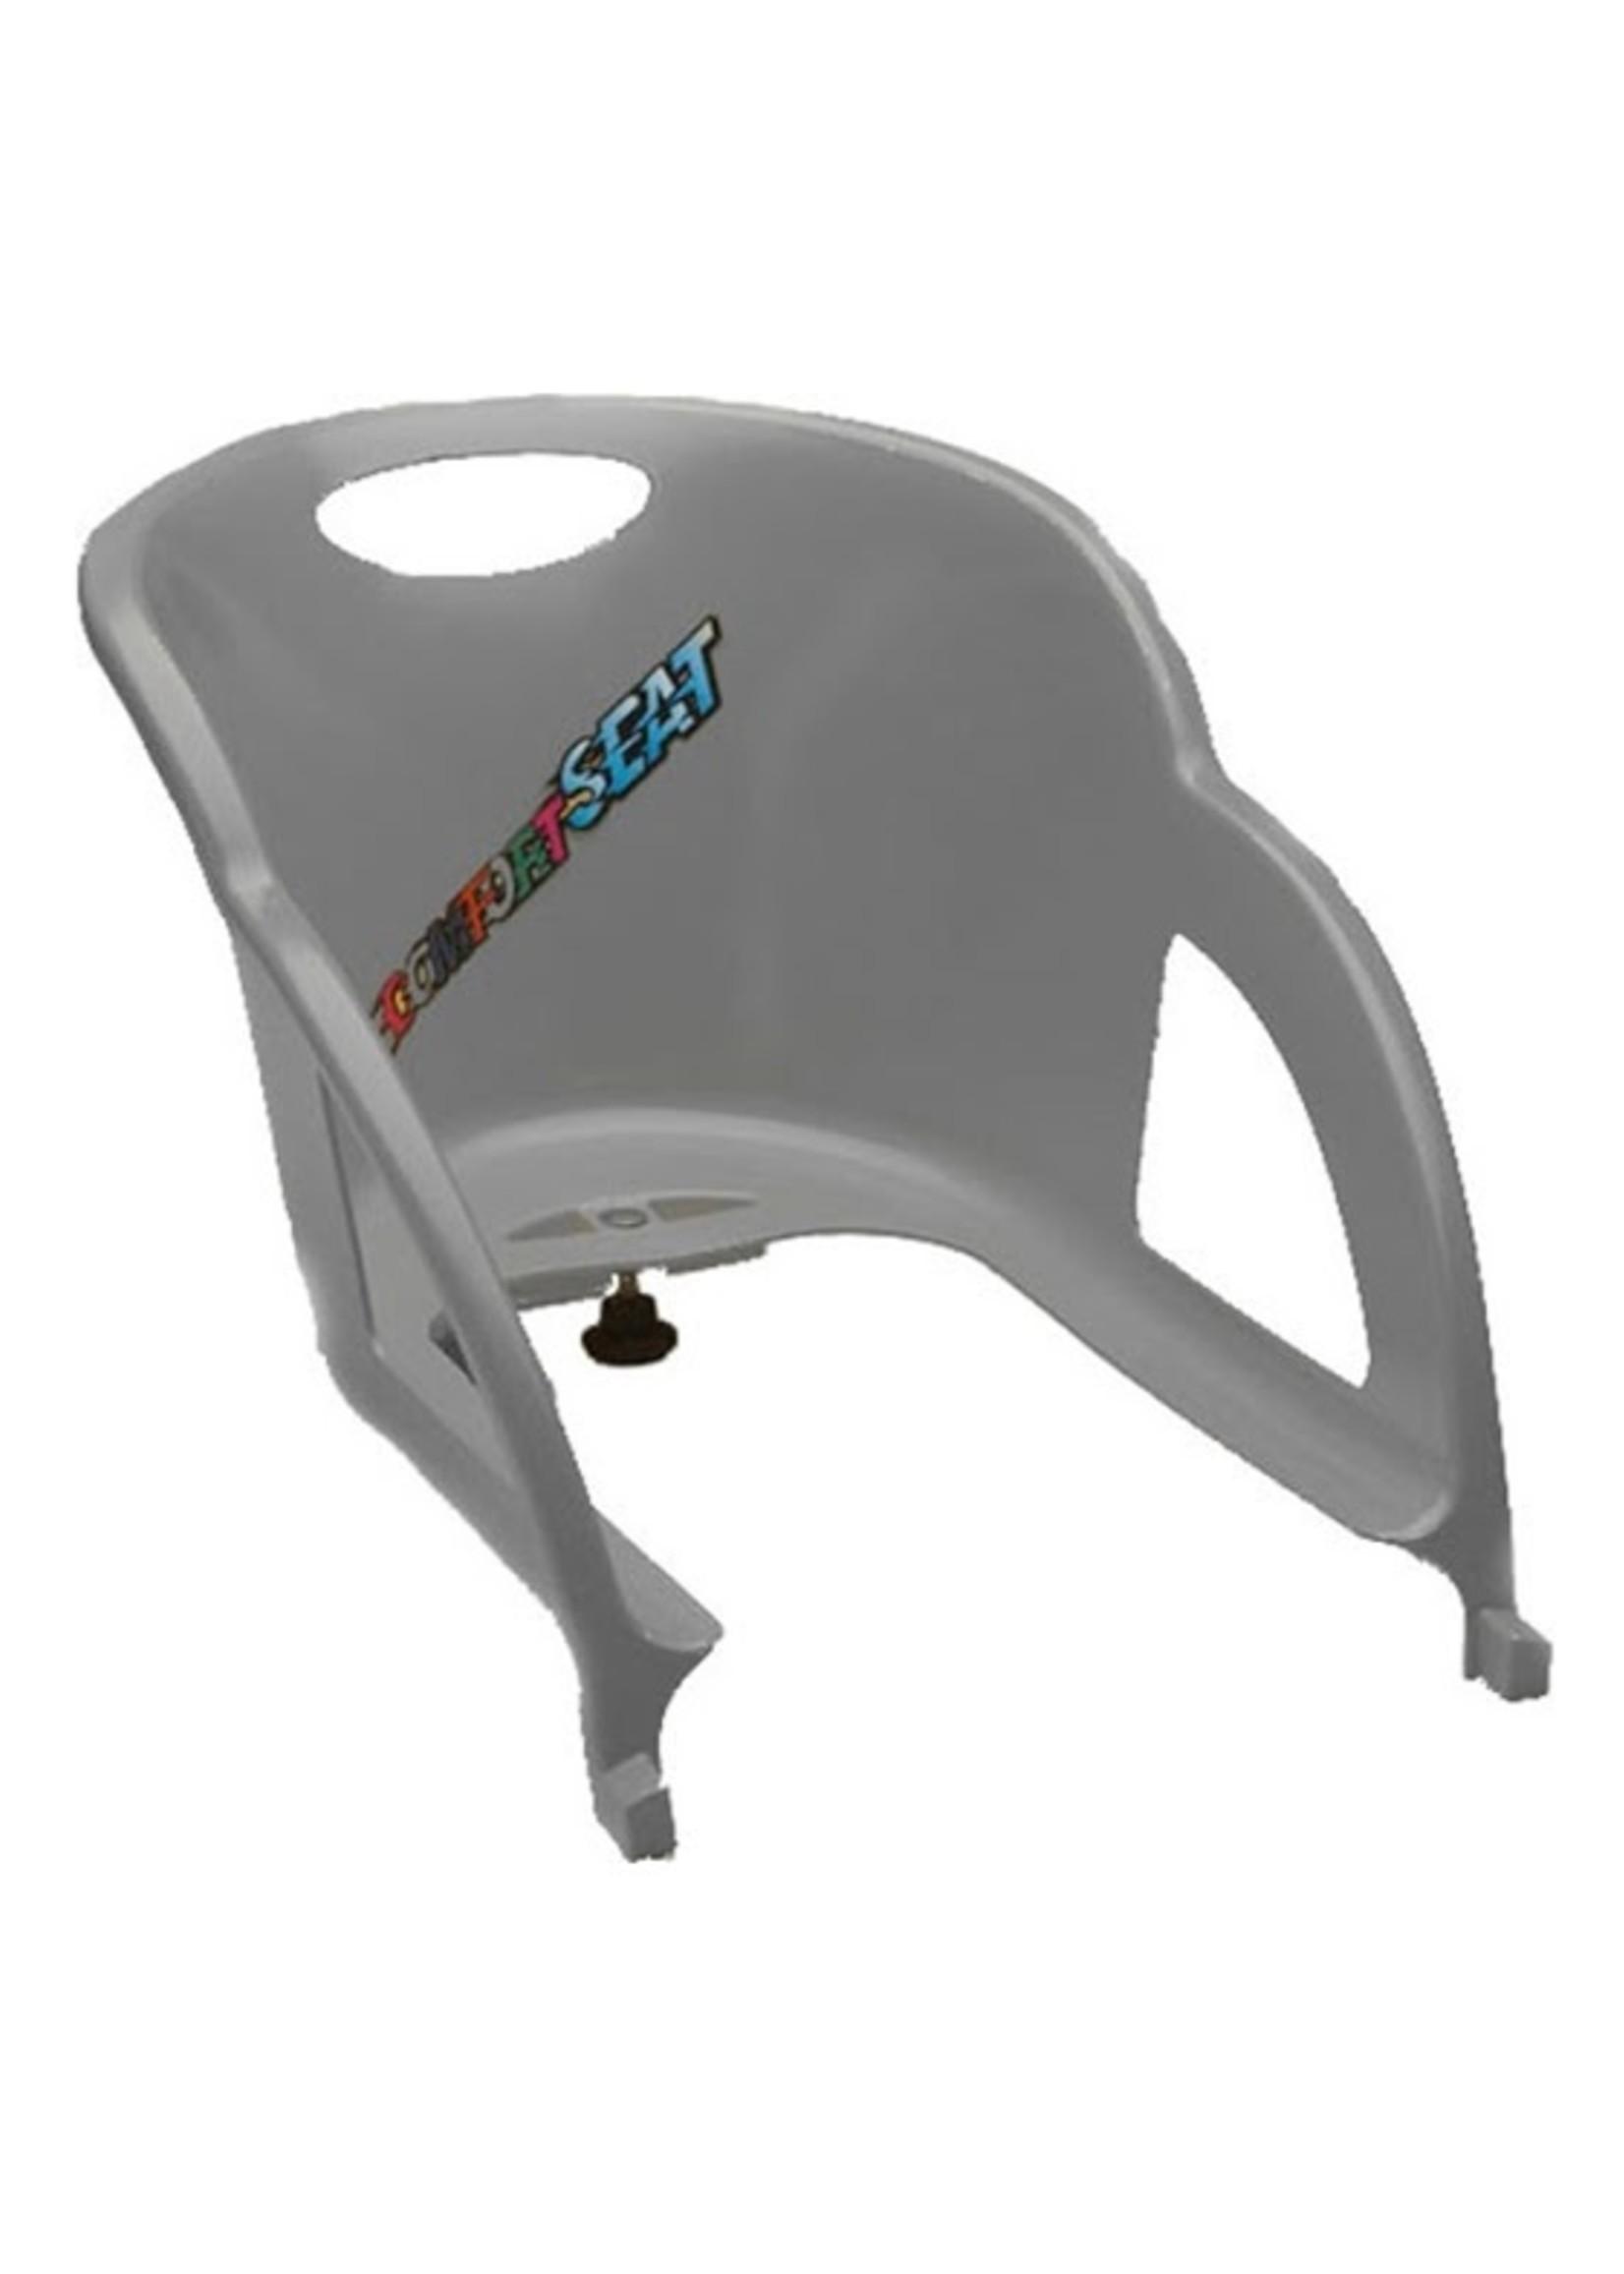 KHW Snow Tiger Comfort Seat Grijs zitje voor op slee